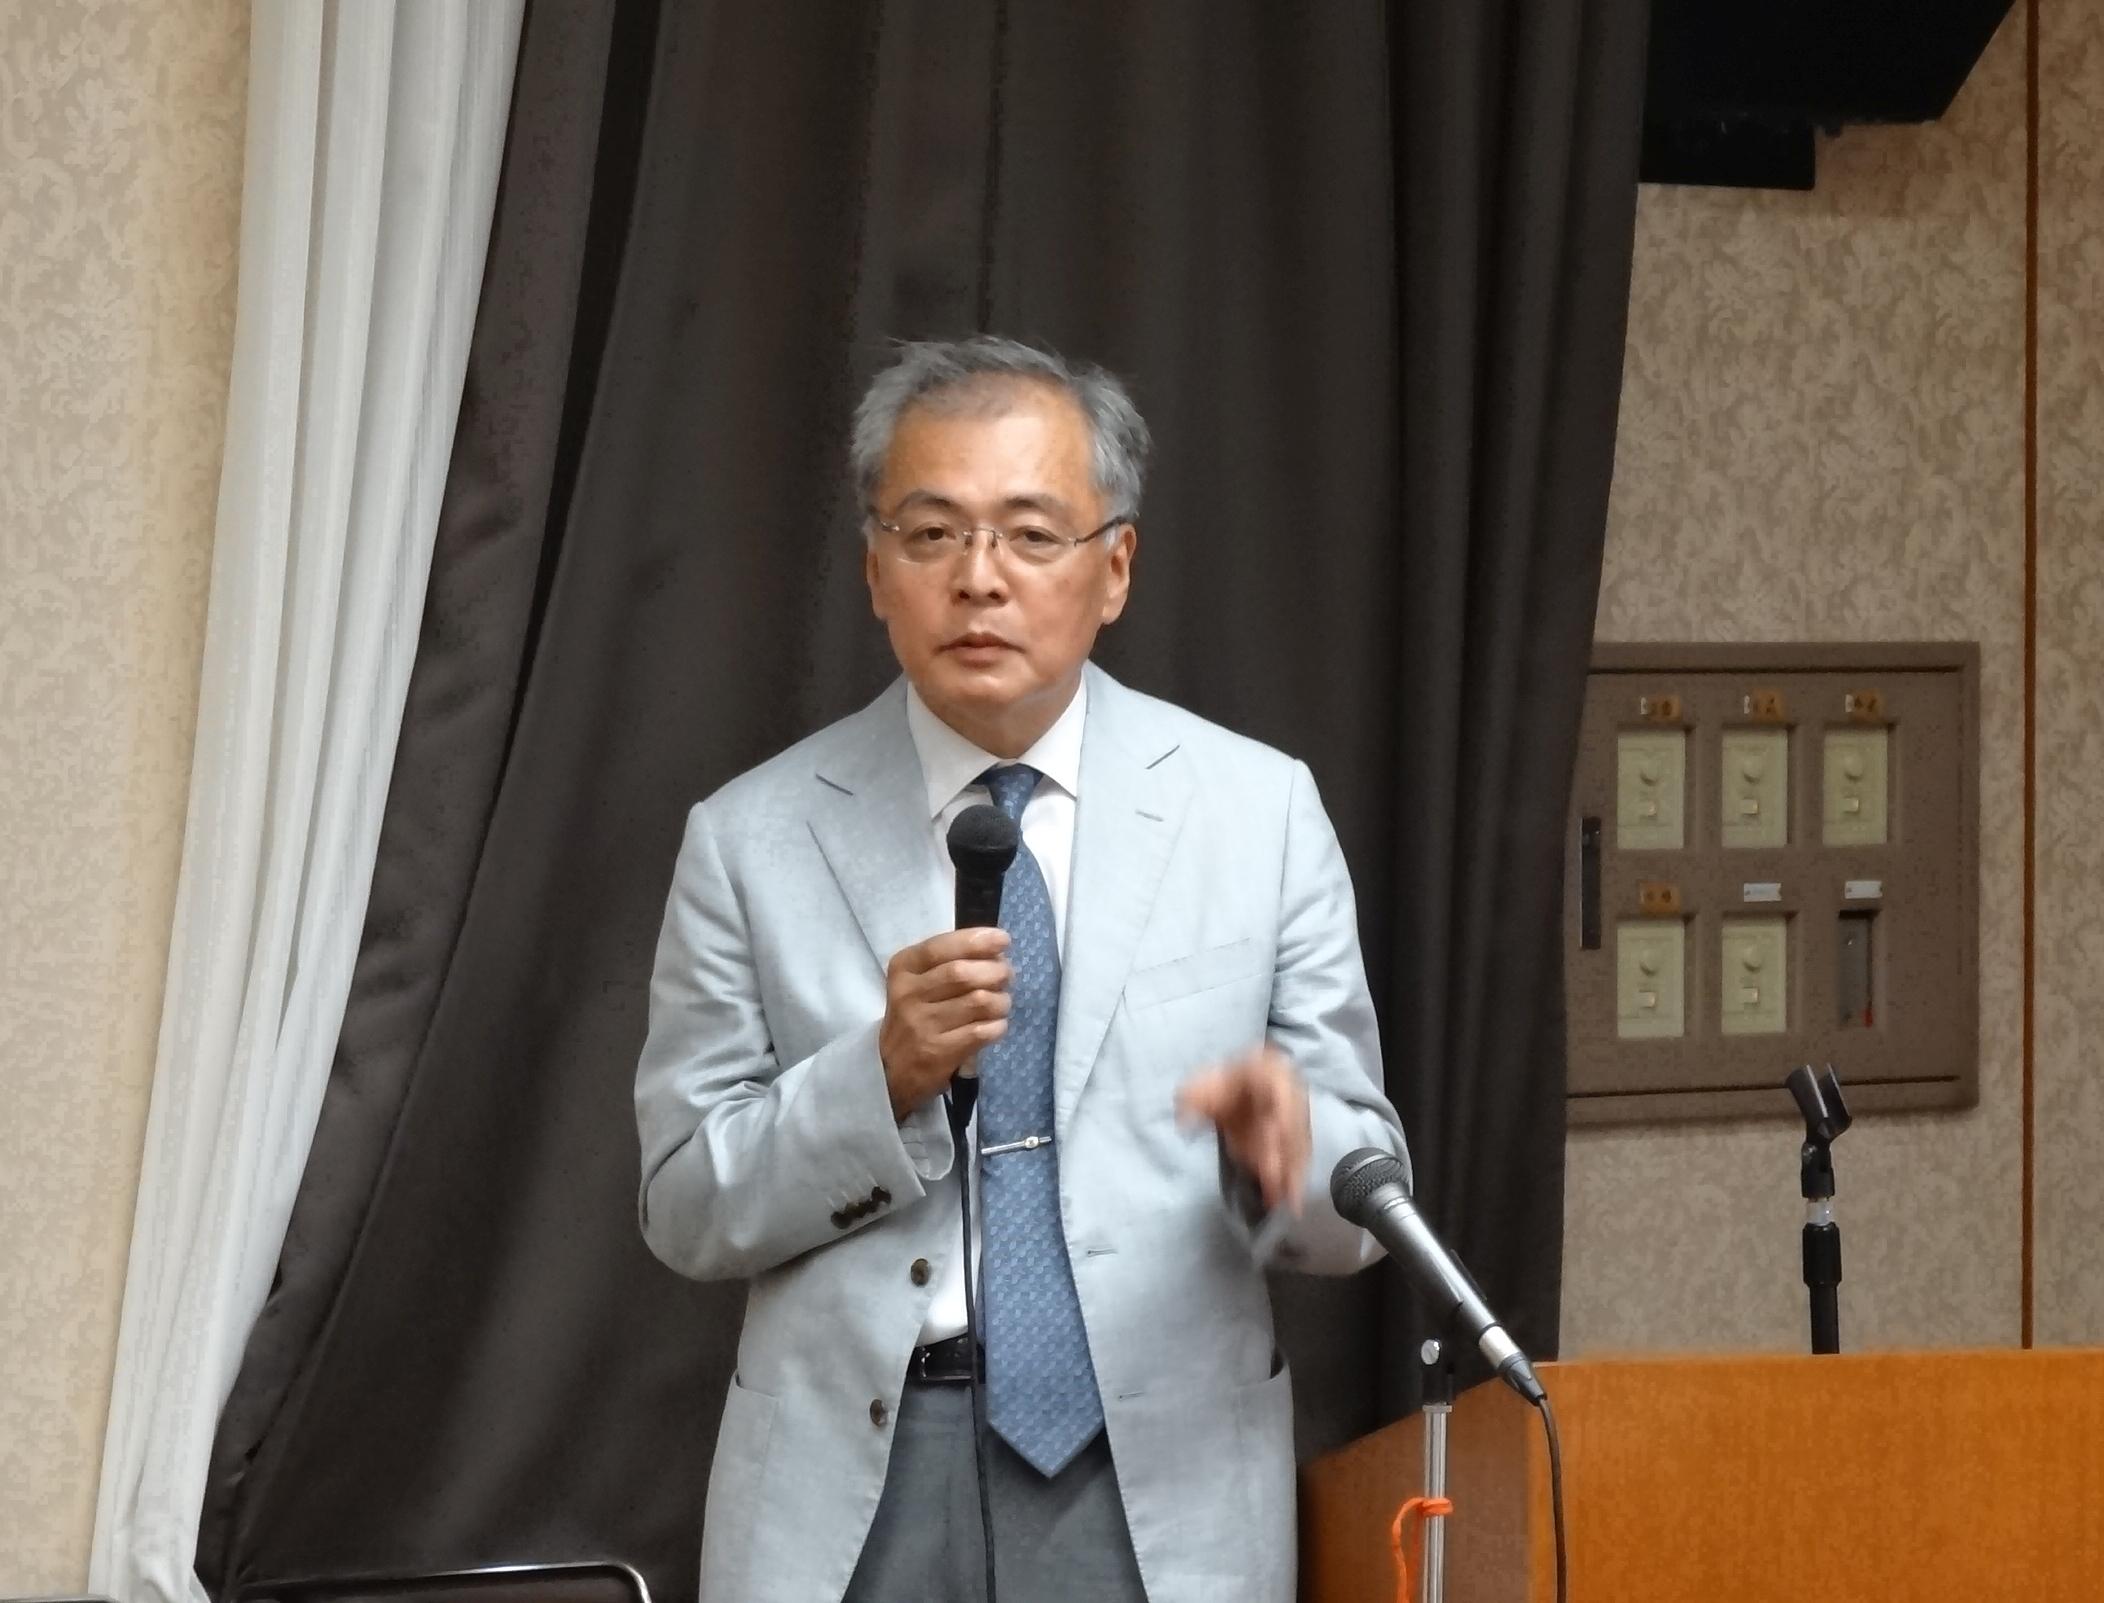 第44回 移植塾 開催!(渕之上昌平先生ご退官記念、どなたでも参加できます!)